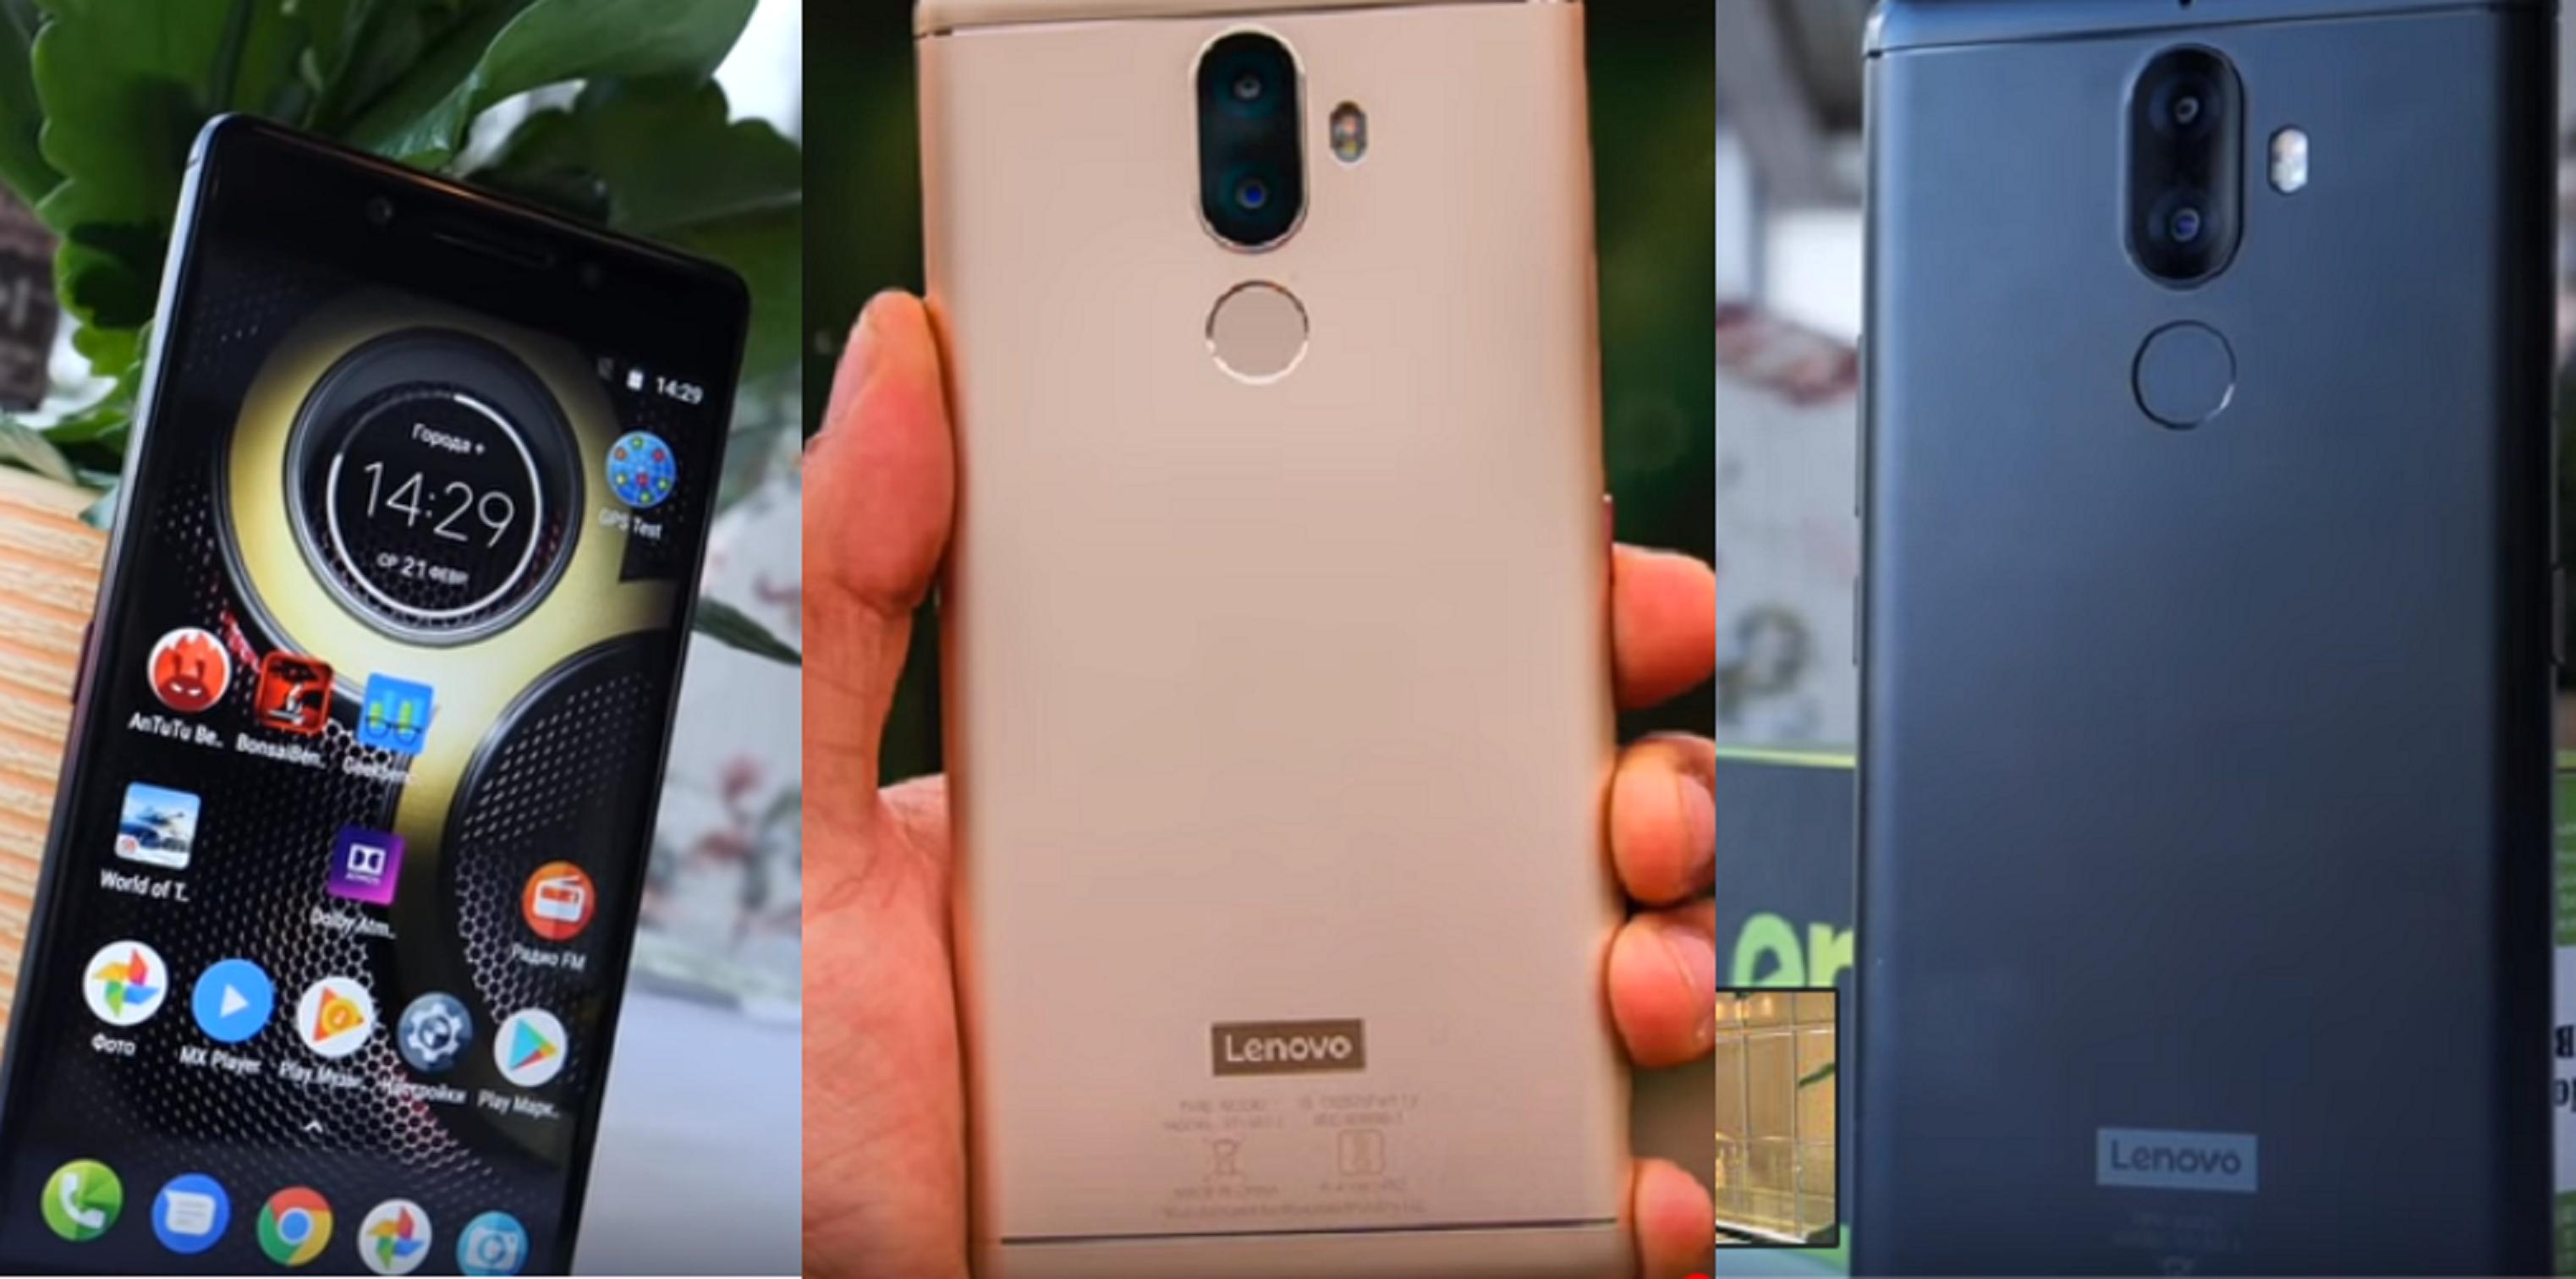 Смартфон Lenovo K8 Note 64GB — достоинства и недостатки